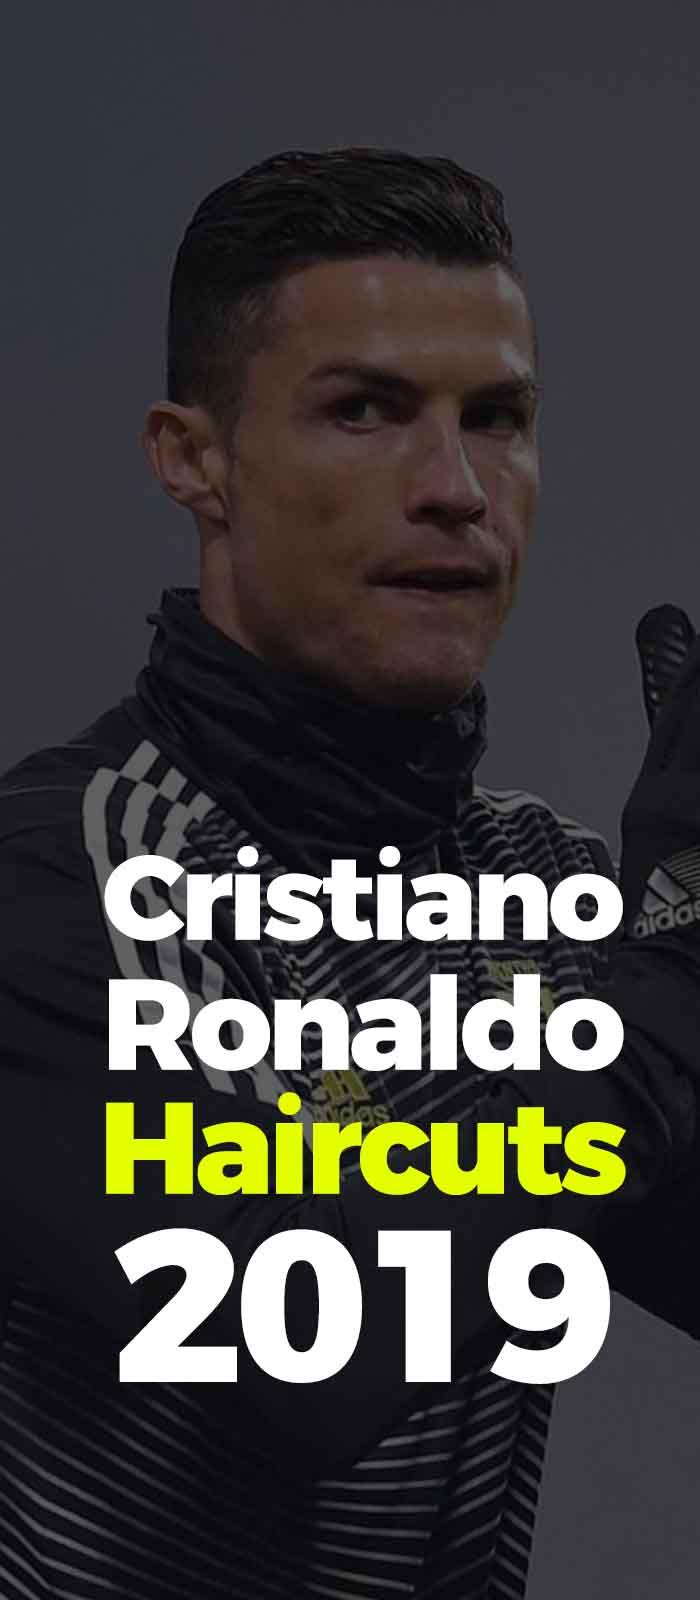 Cristiano Ronaldo Haircuts 2019